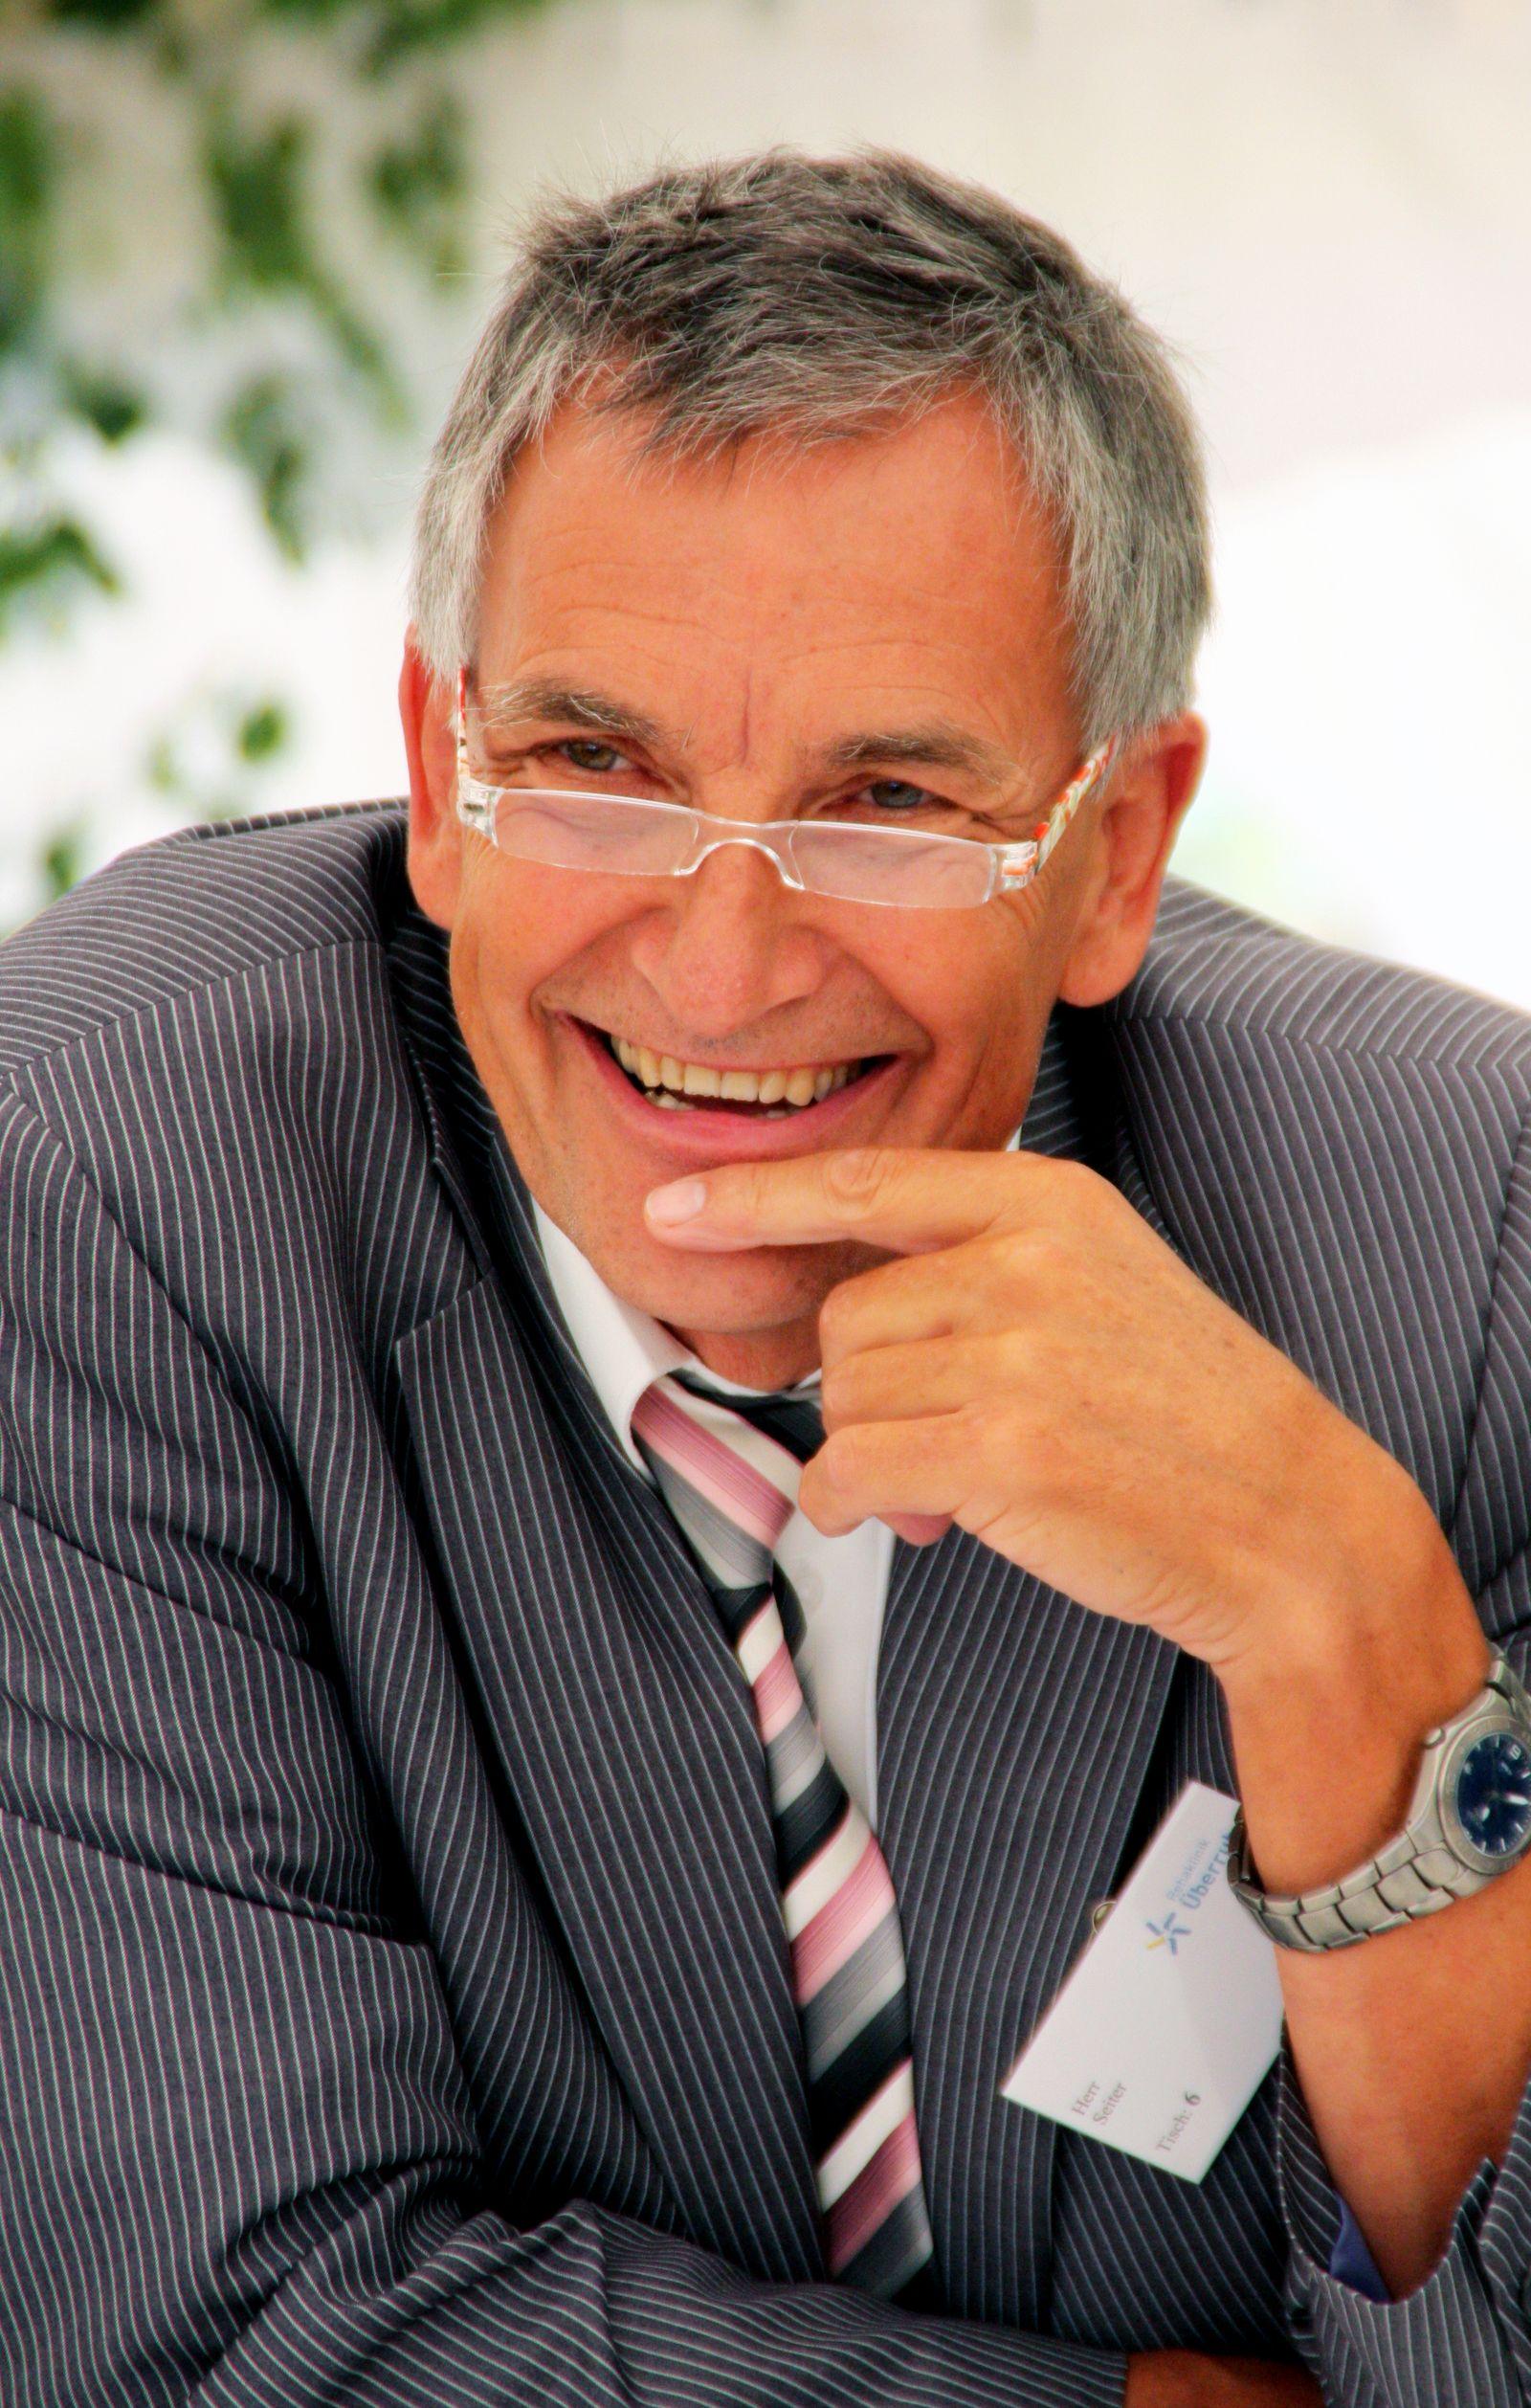 Hubert Seiter / Deutschen Rentenversicherung / DRV BW